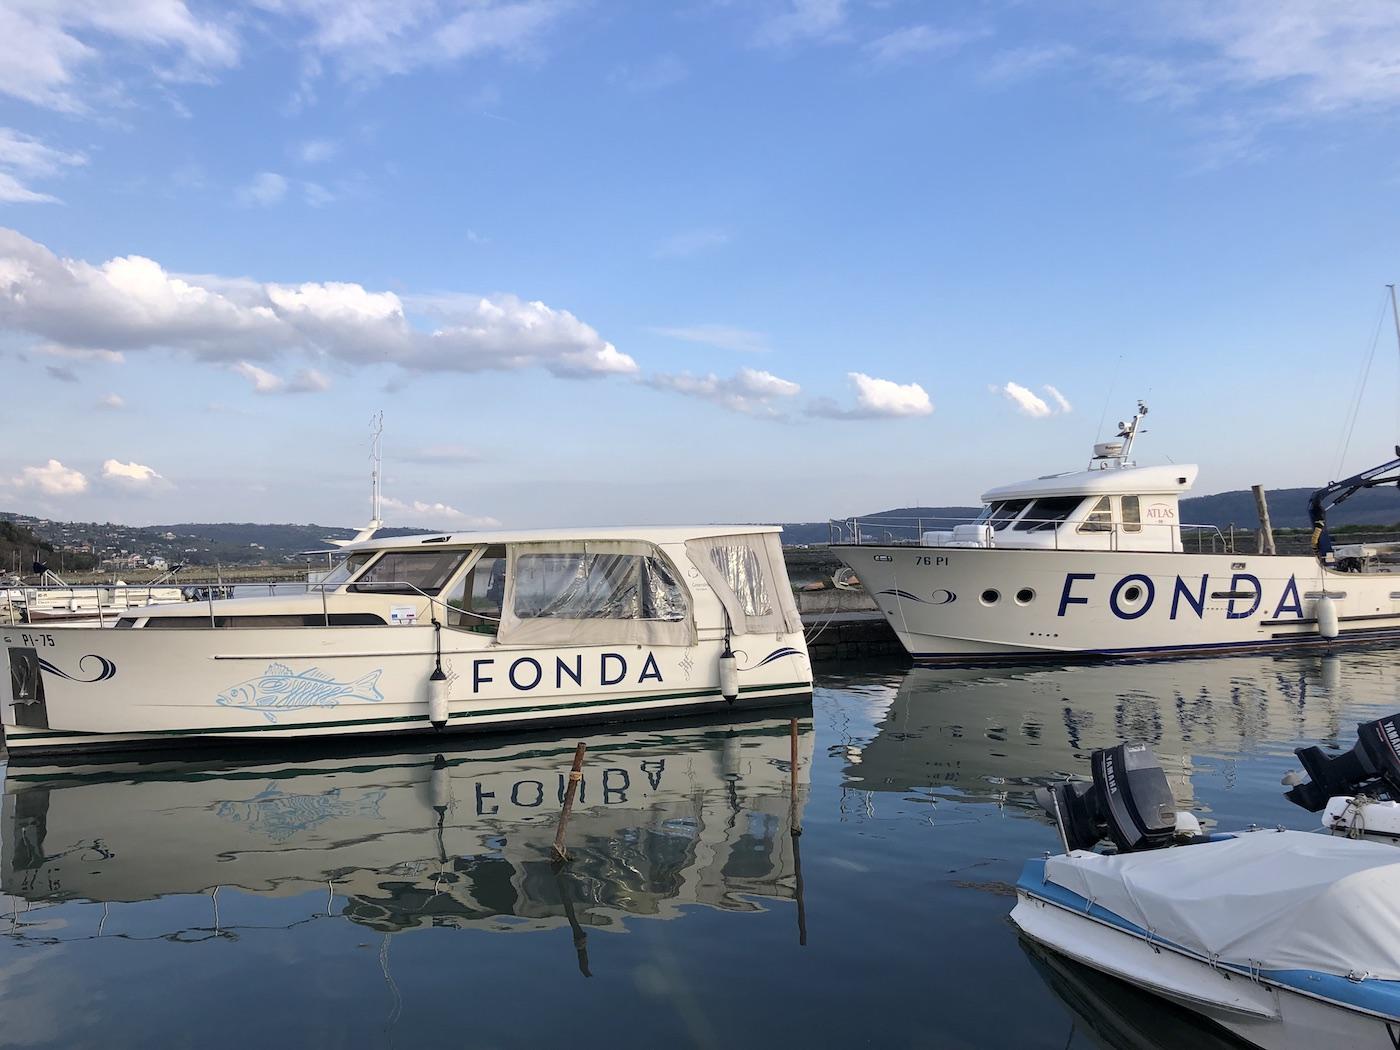 Le barche dell'allevamento ittico Fonda